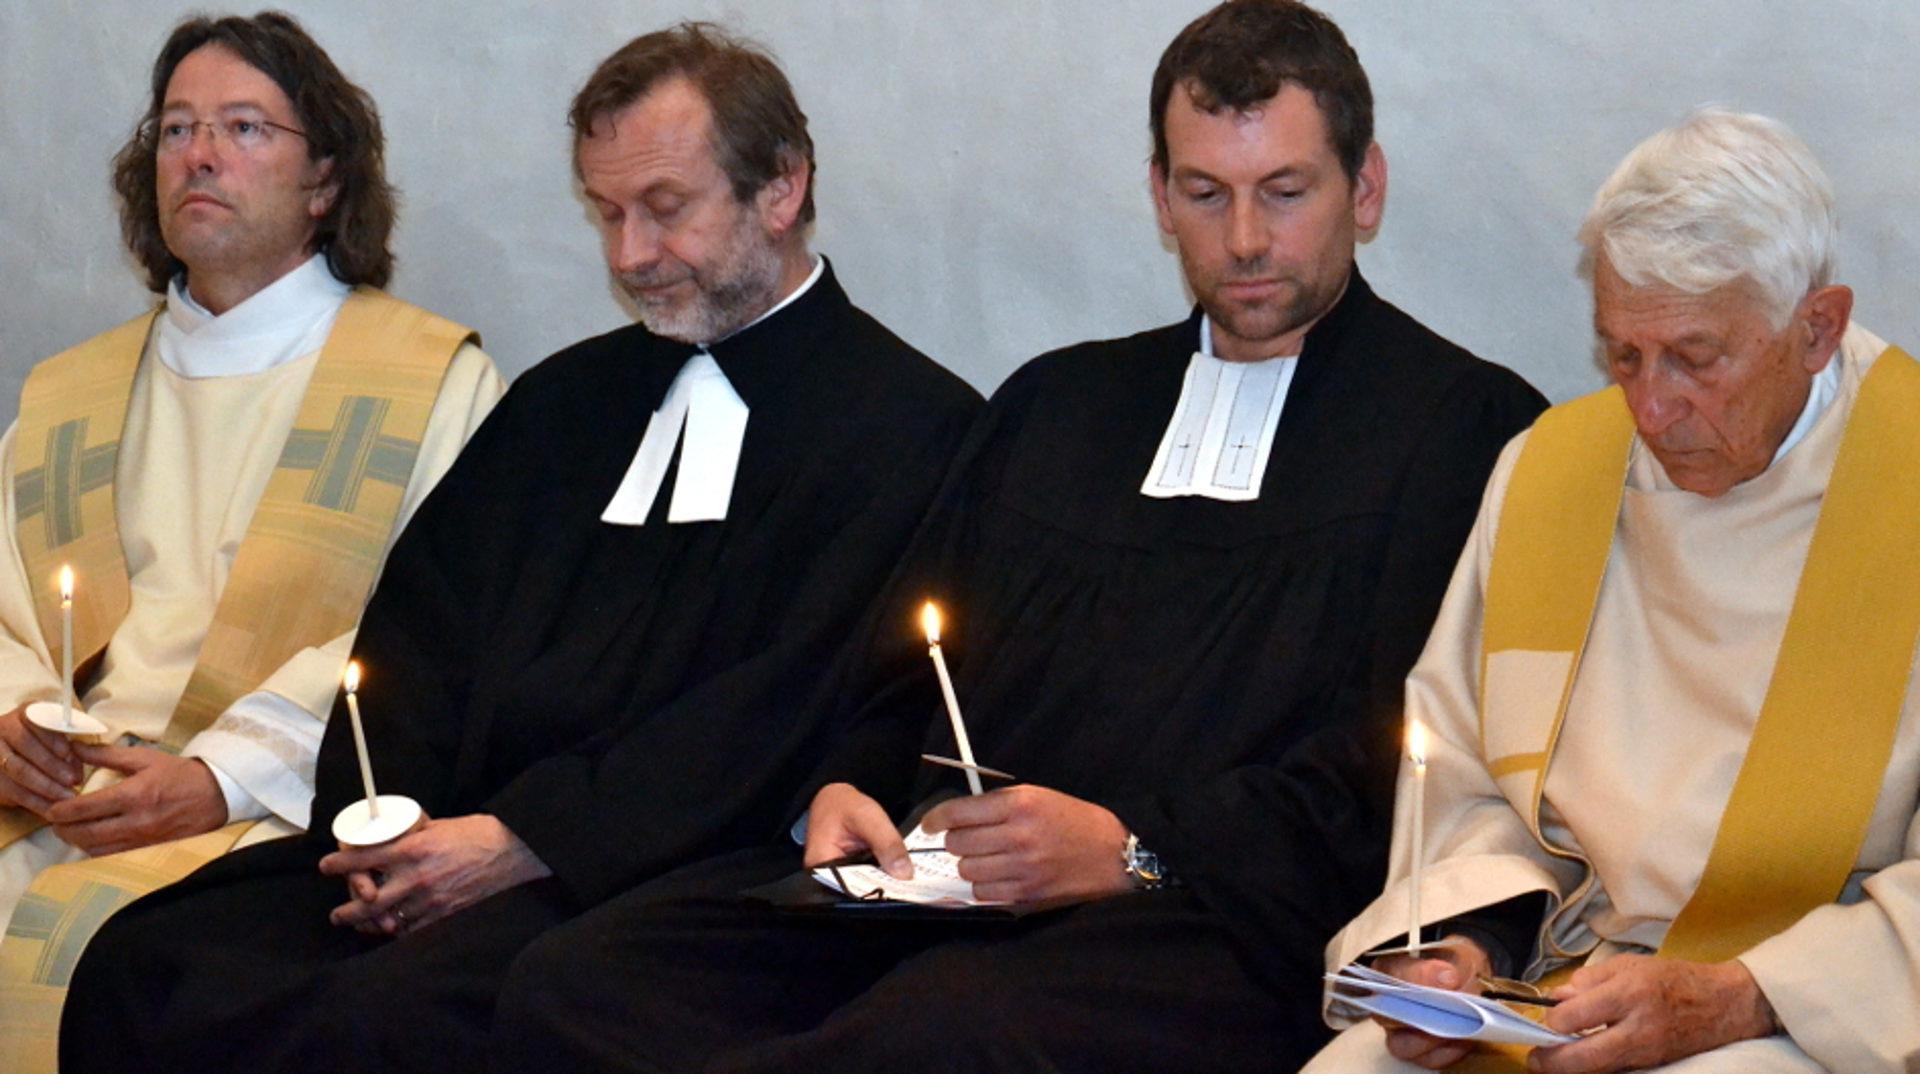 Unterschied Pfarrer Priester